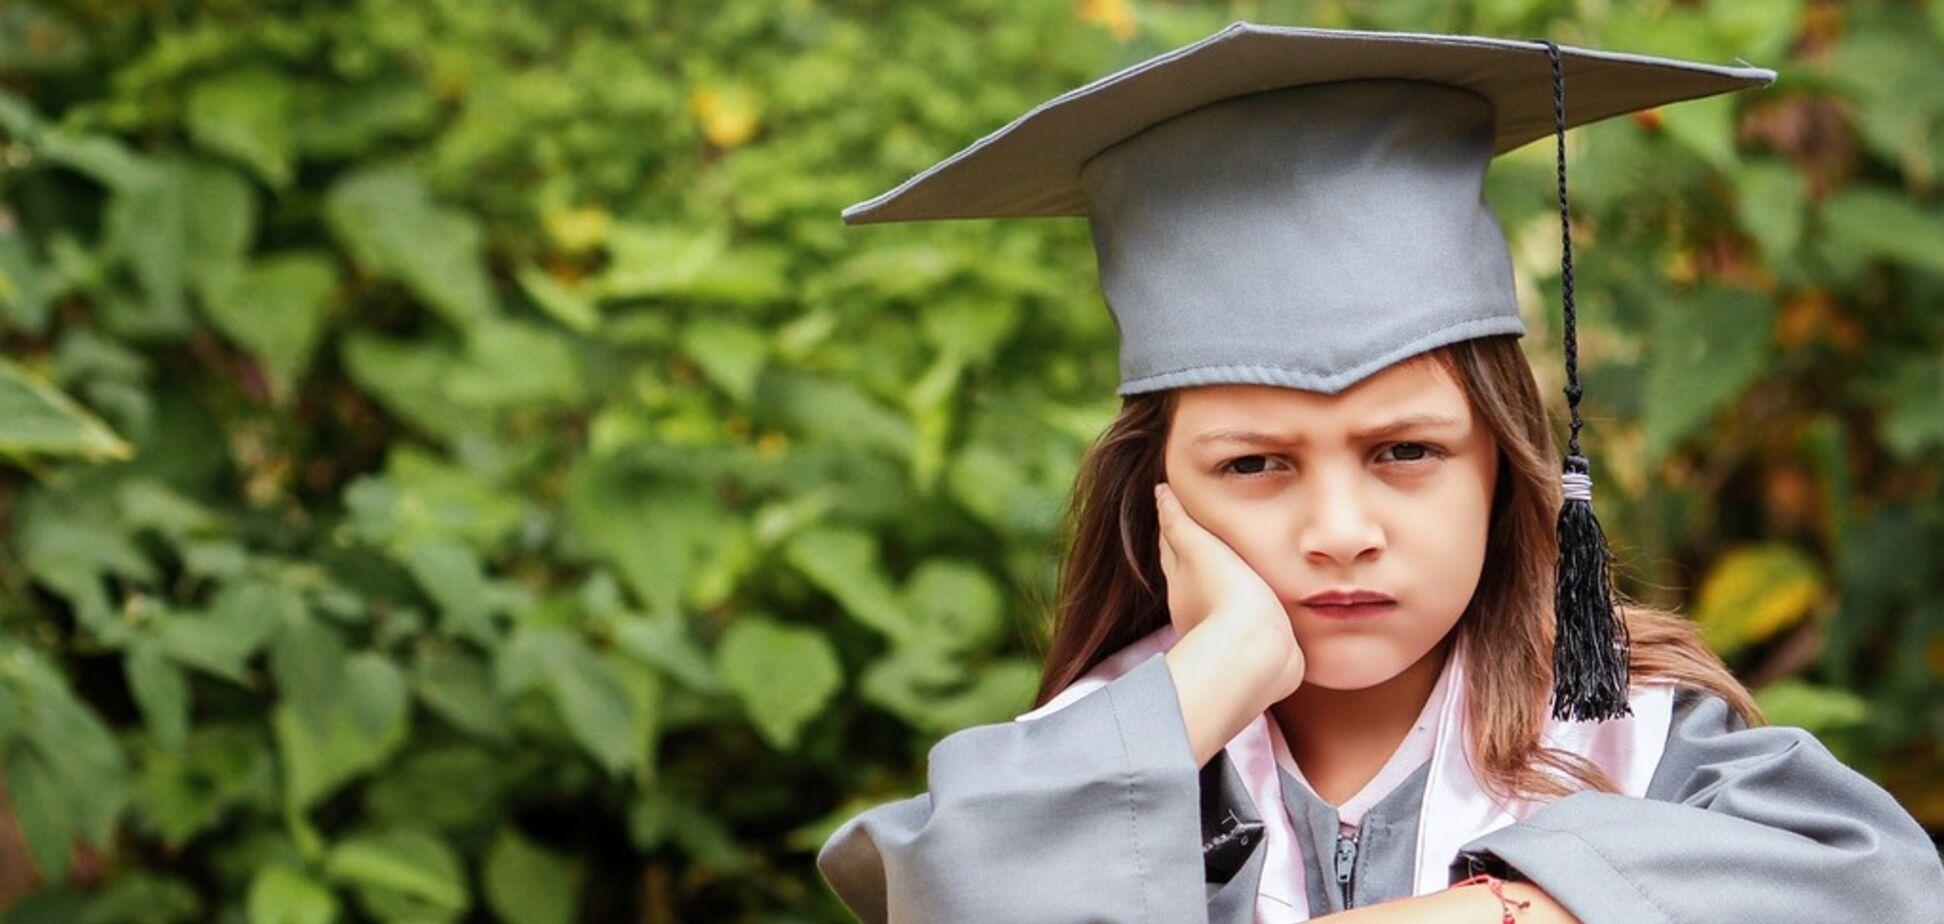 Вища освіта в Україні подорожчає: названо вартість